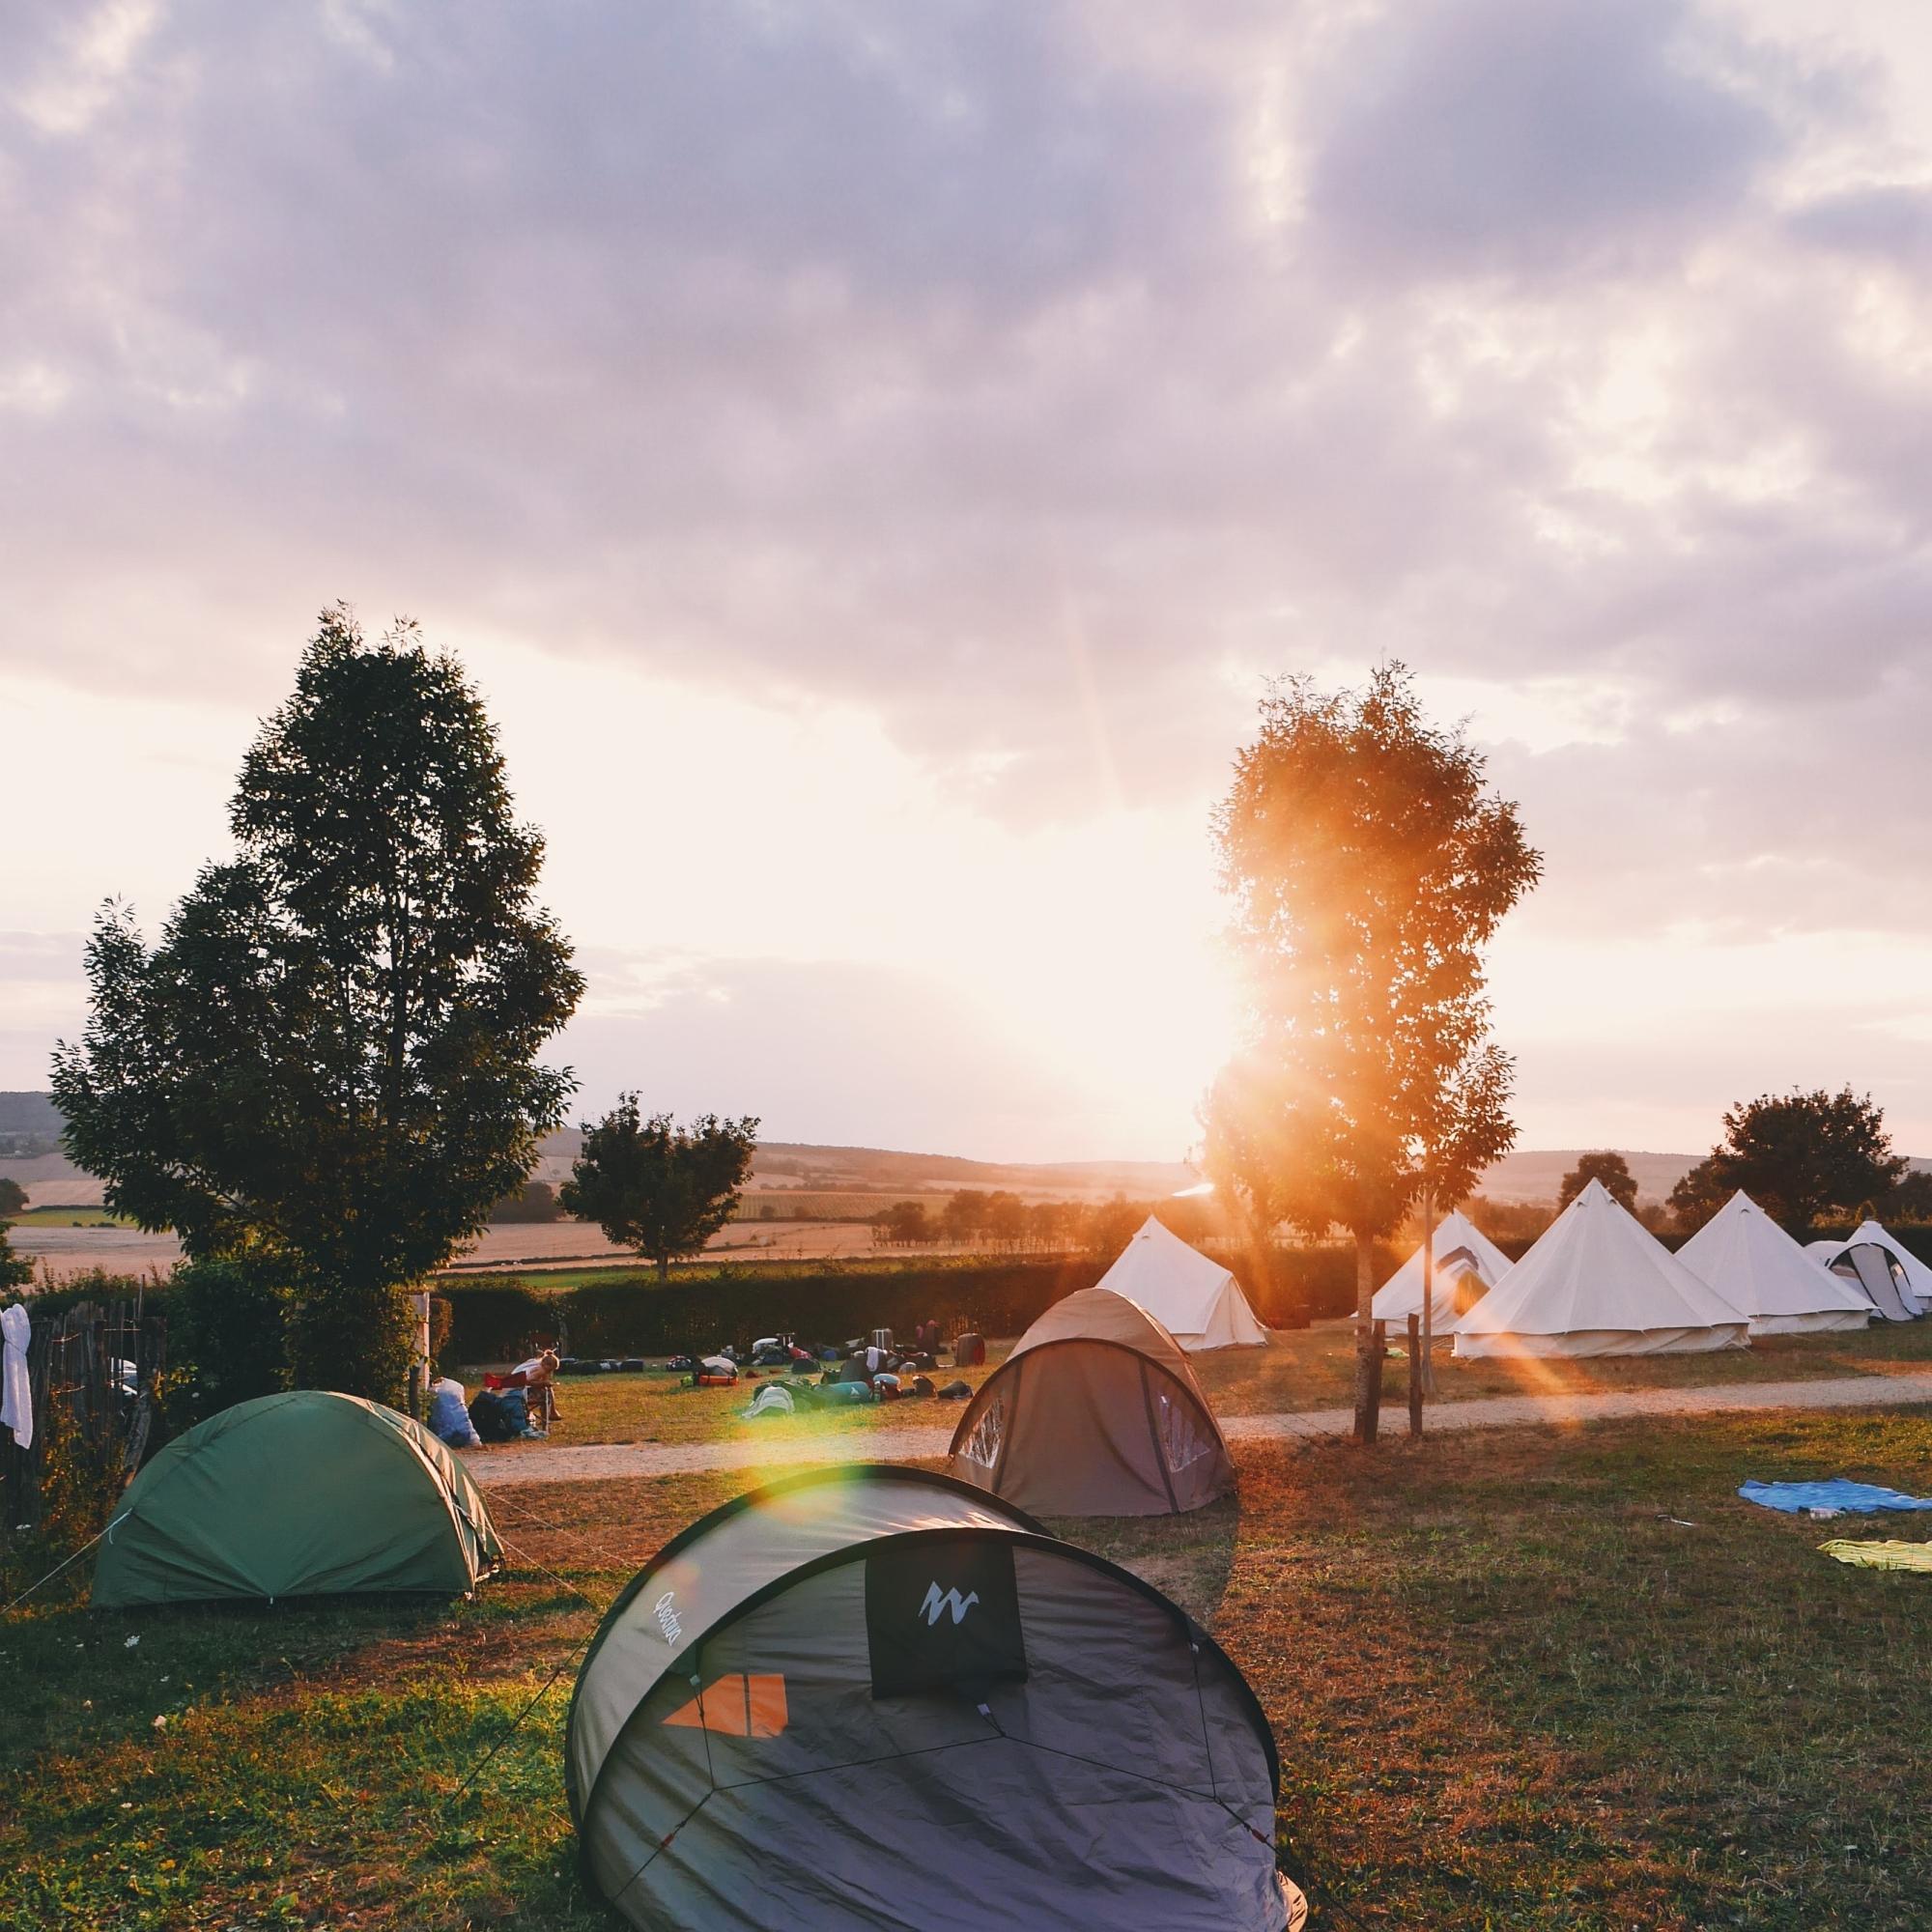 a peaceful campsite at surise